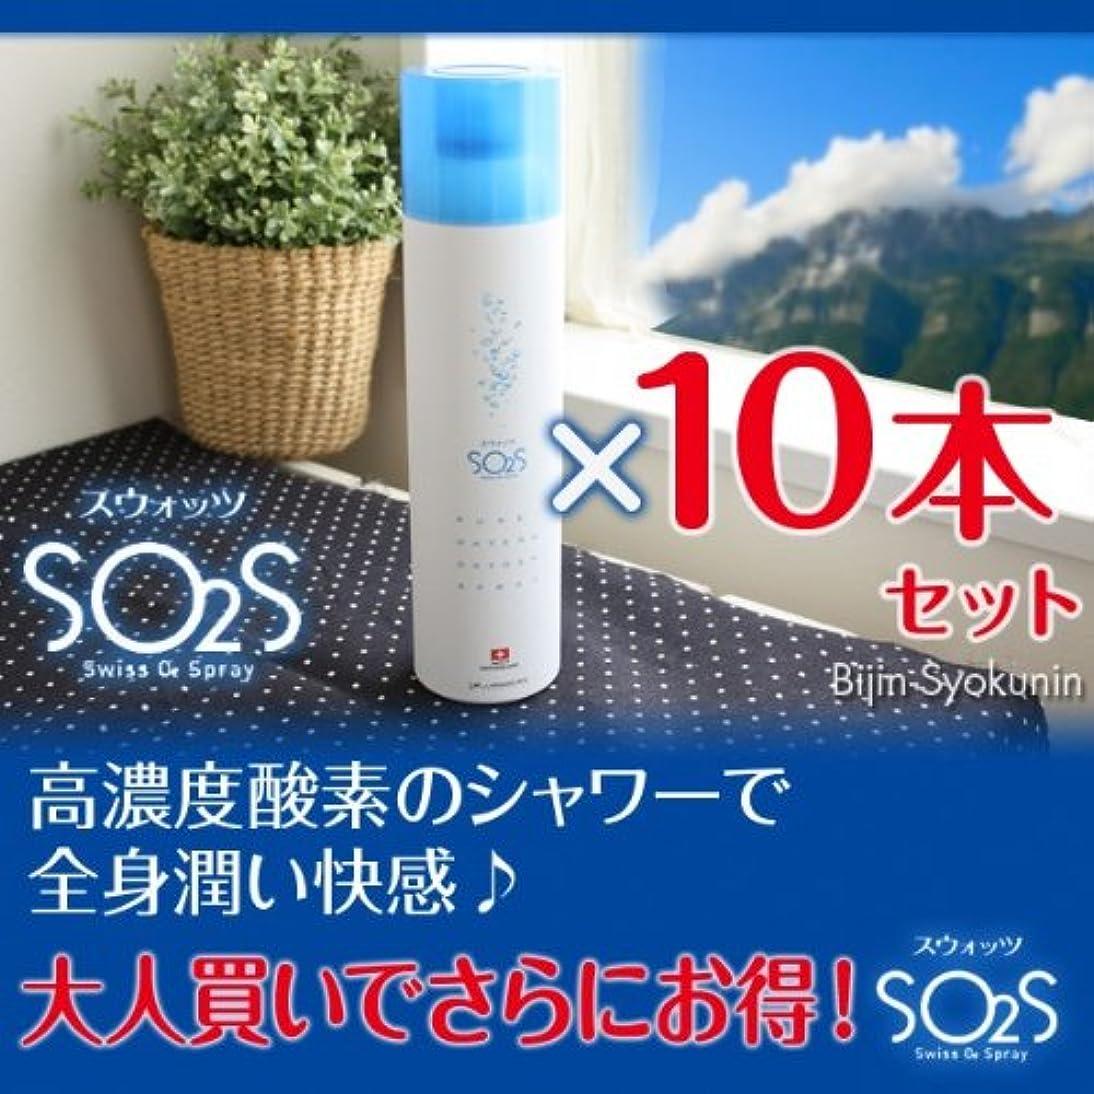 スリップシューズ潮あたりスウォッツ (300ml) 10本セット【SO2S】